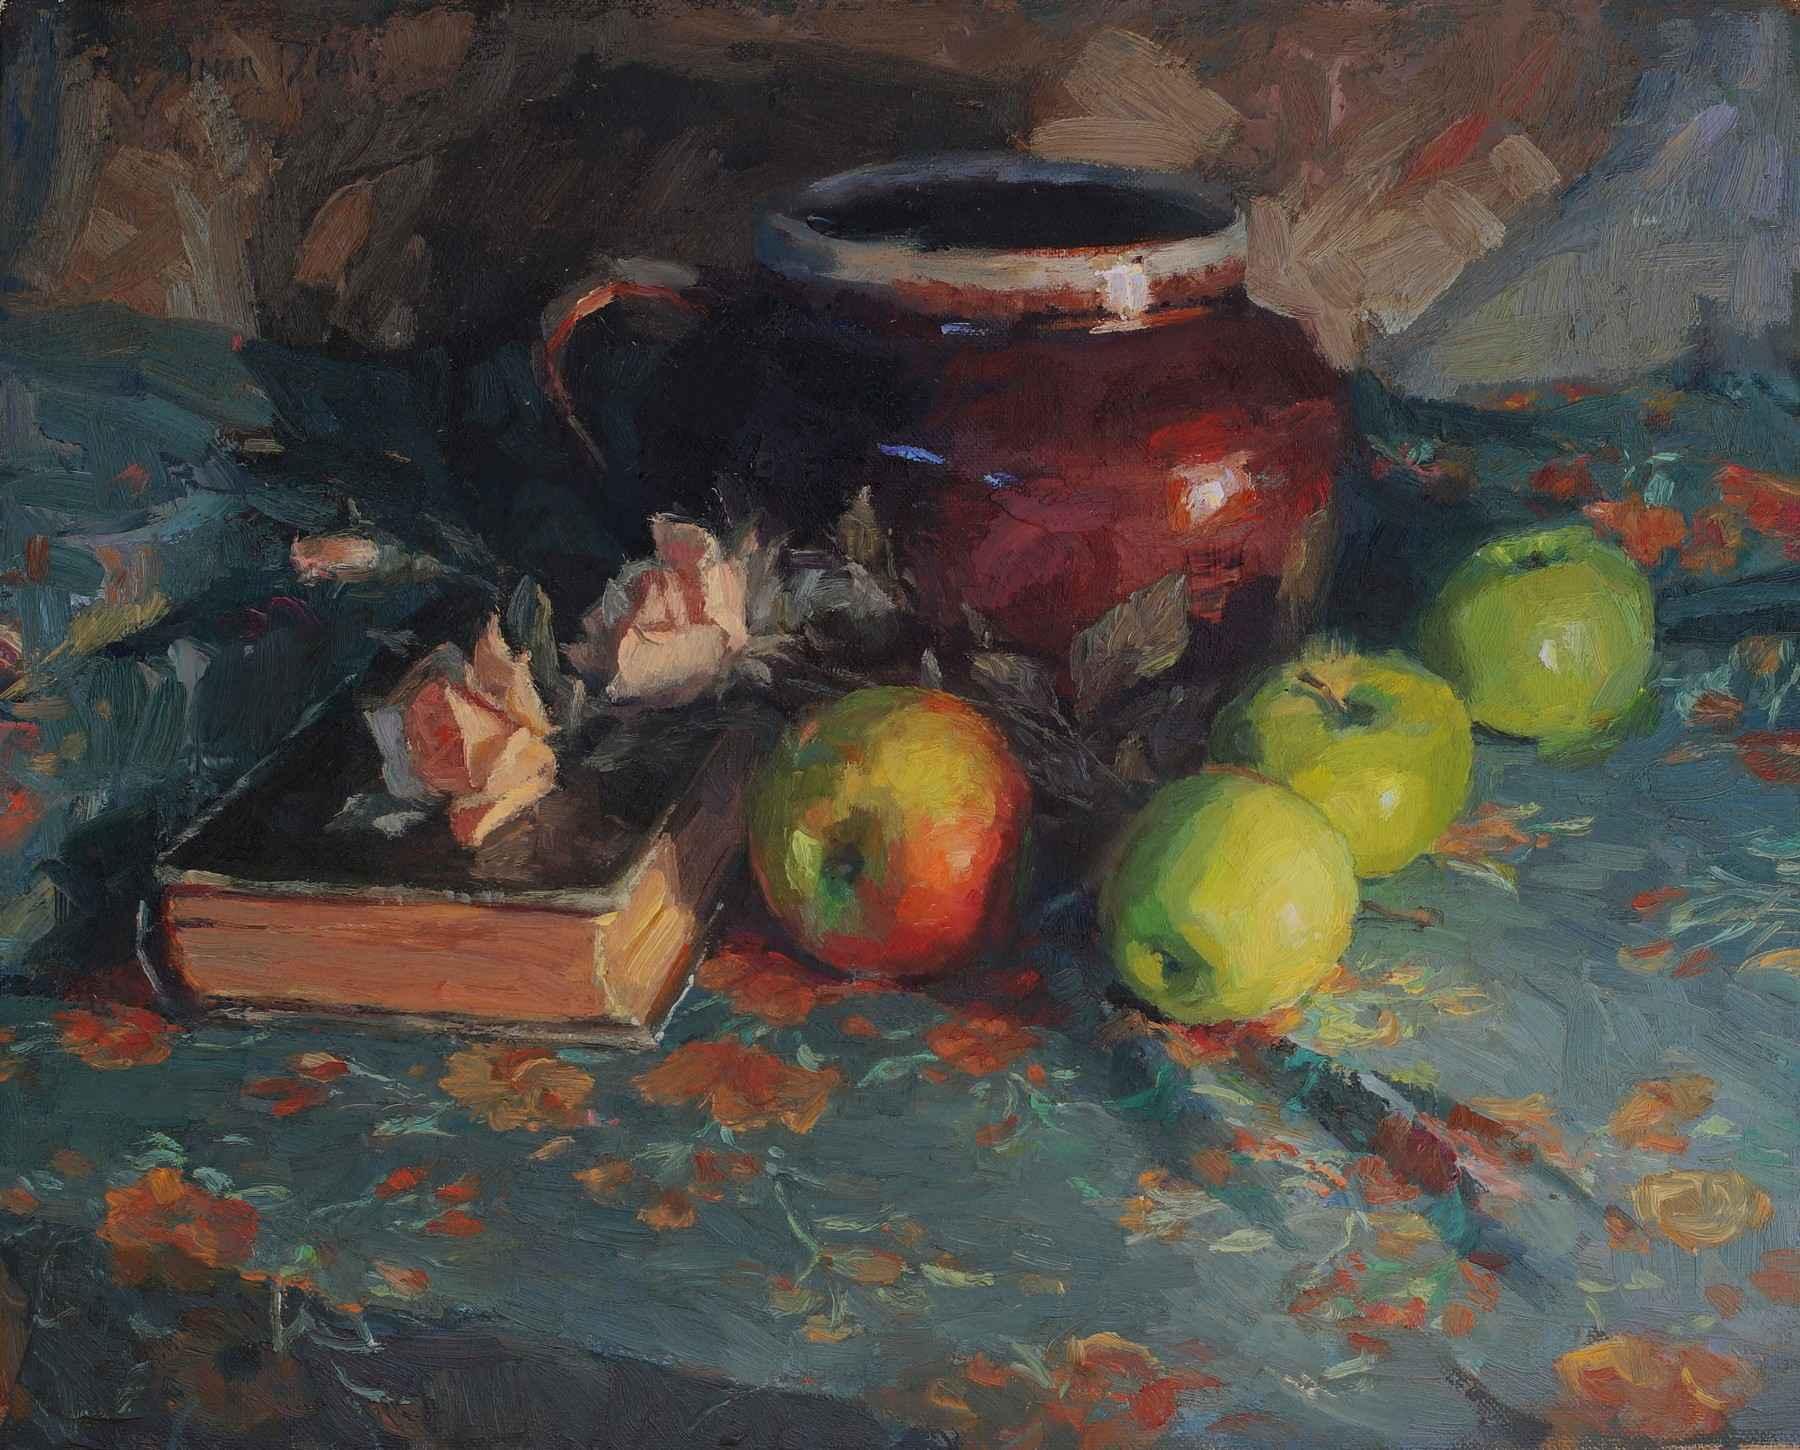 Apples and Jug by  Susan Diehl - Masterpiece Online